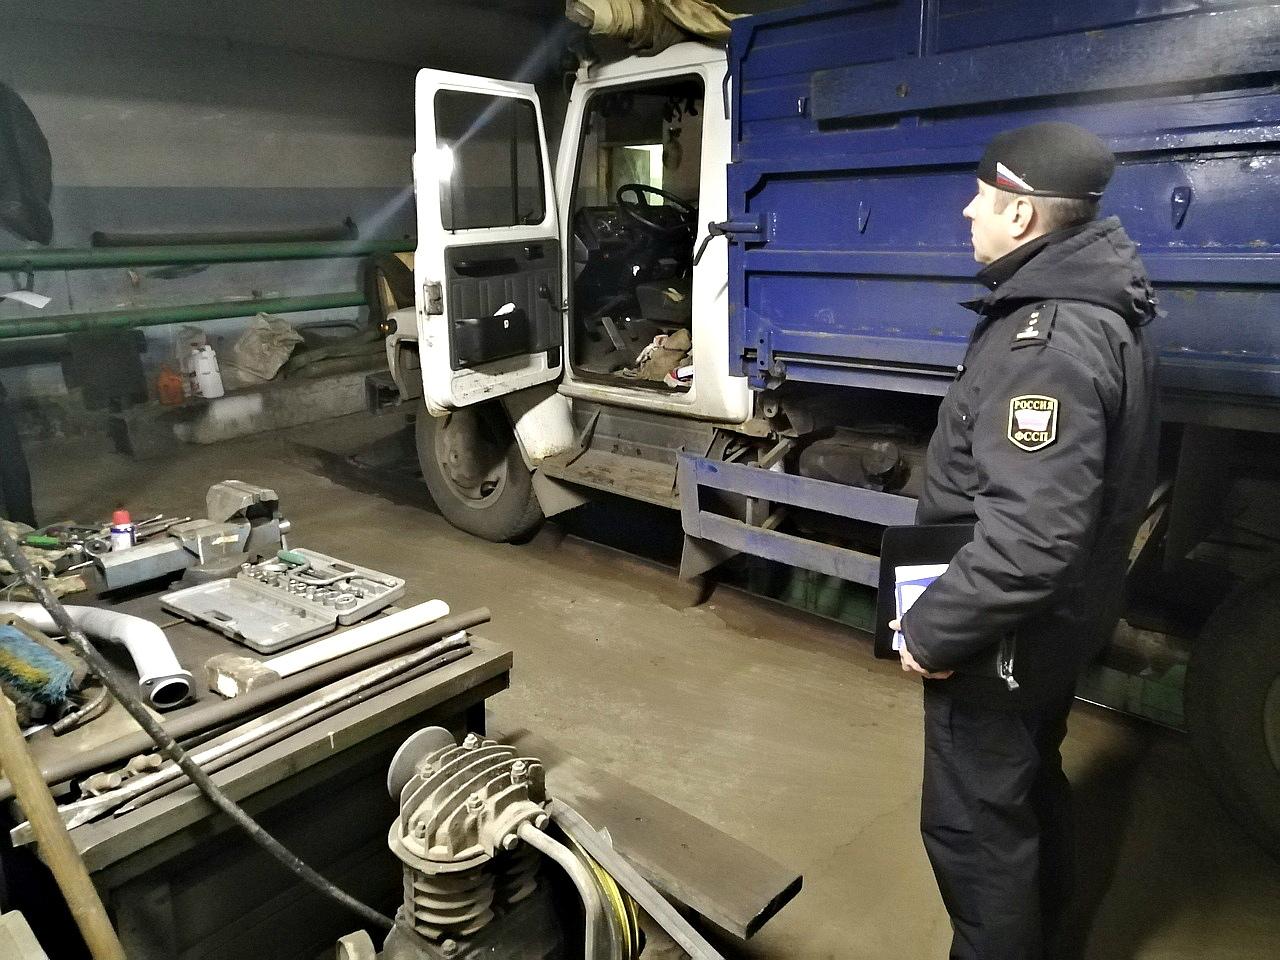 После визита приставов директор ярославской фабрики валяльных изделий погасил полумиллионный долг за час